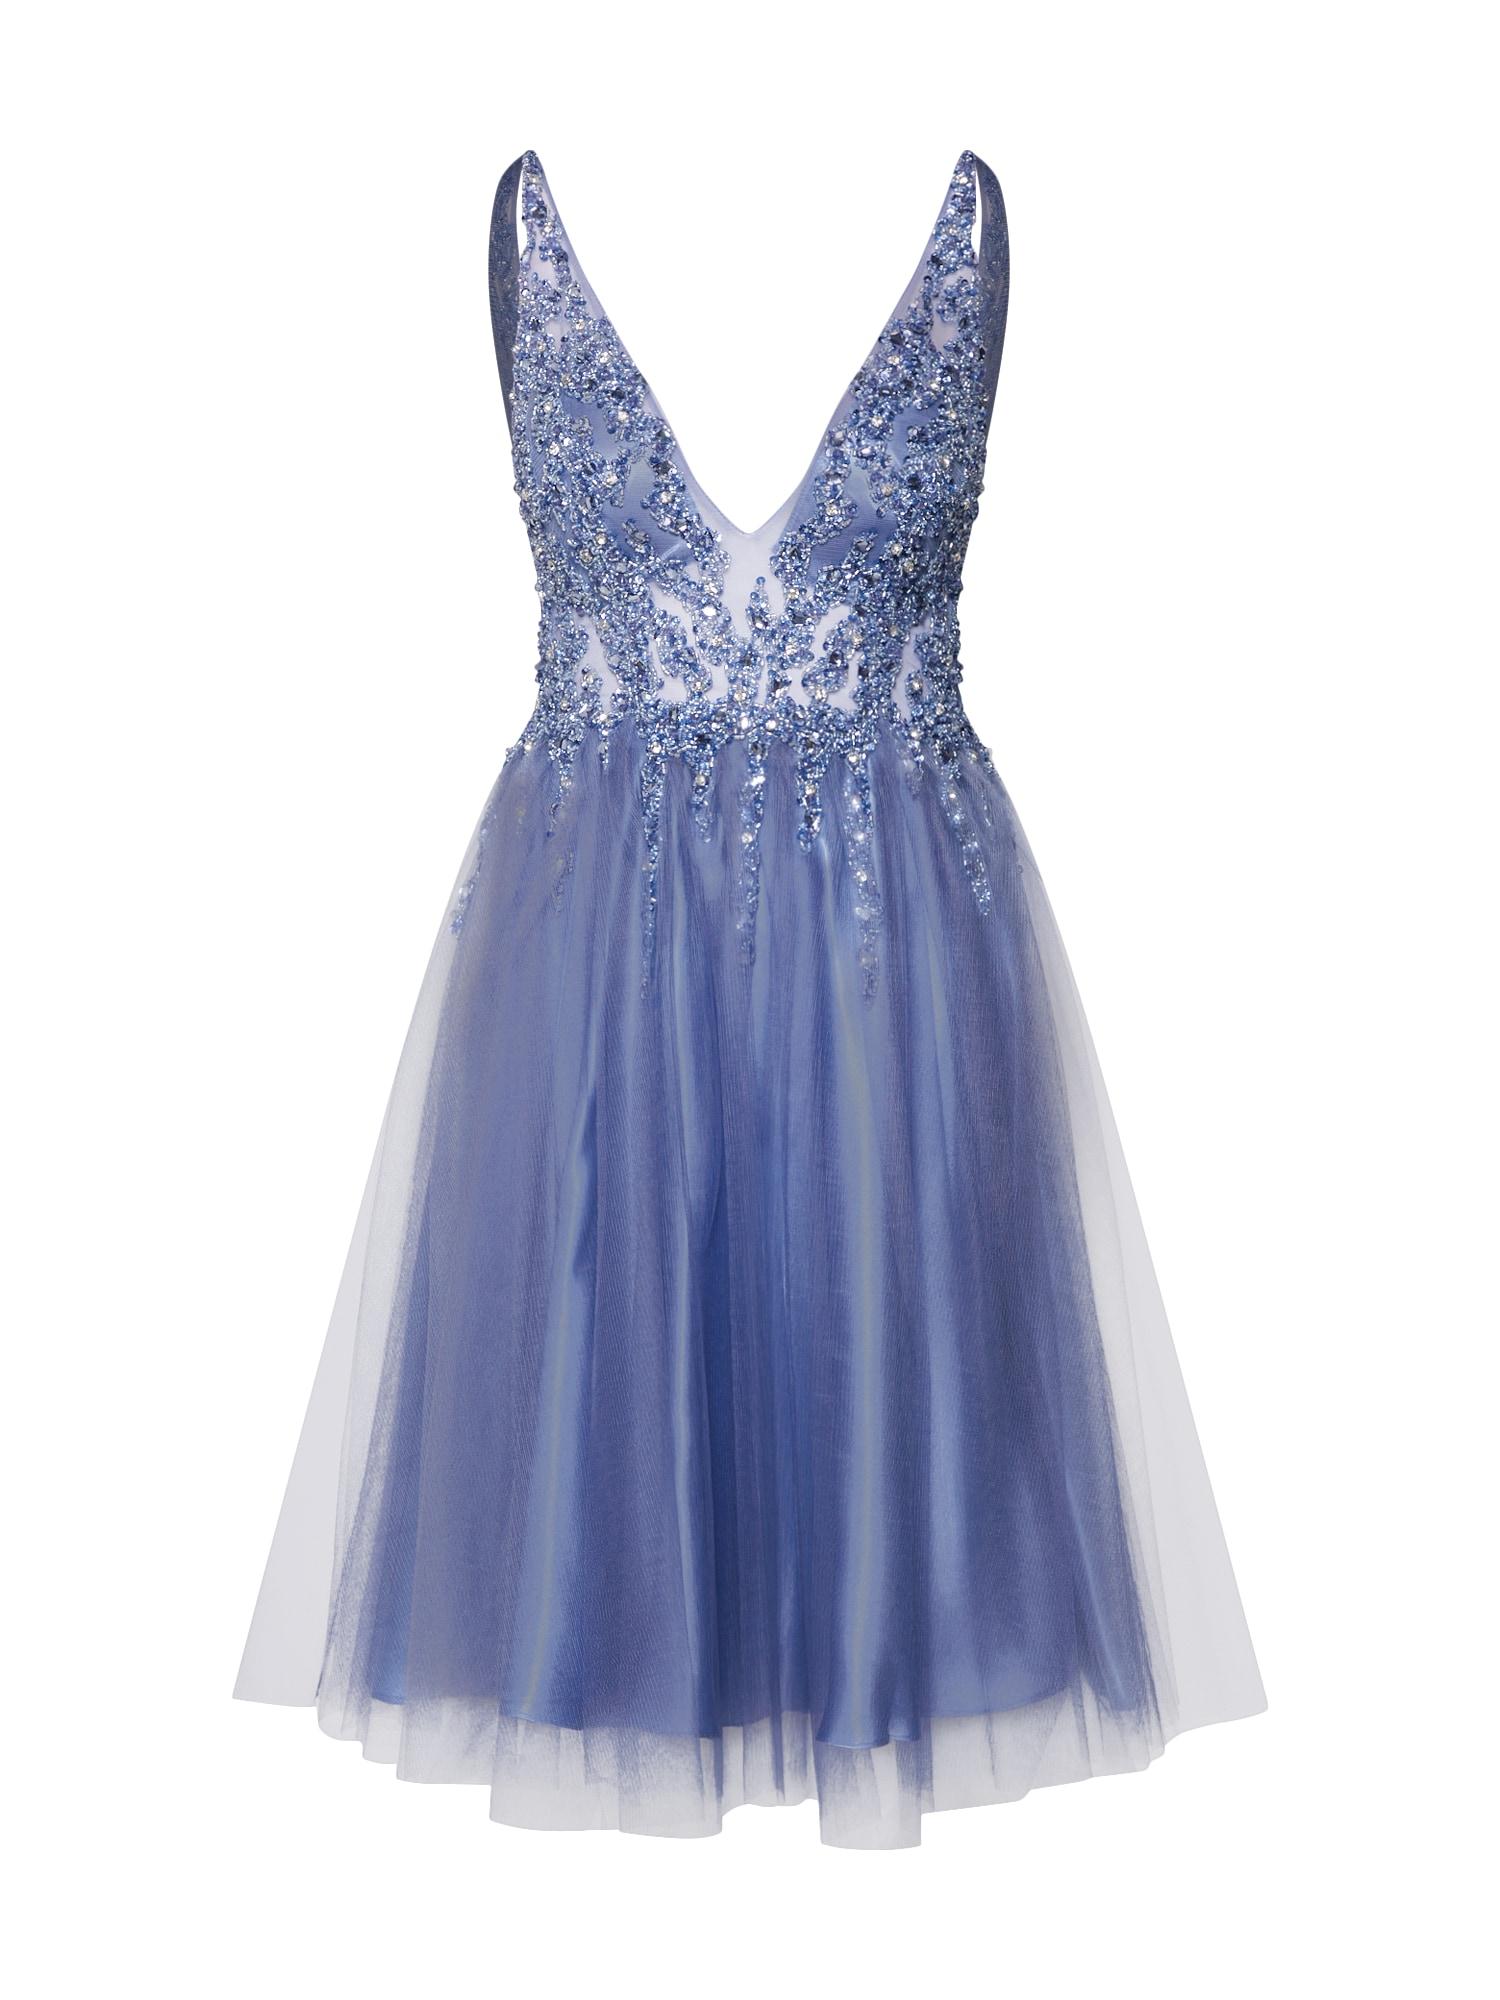 Společenské šaty SHORT RAY BEADS modrá stříbrně šedá Mascara